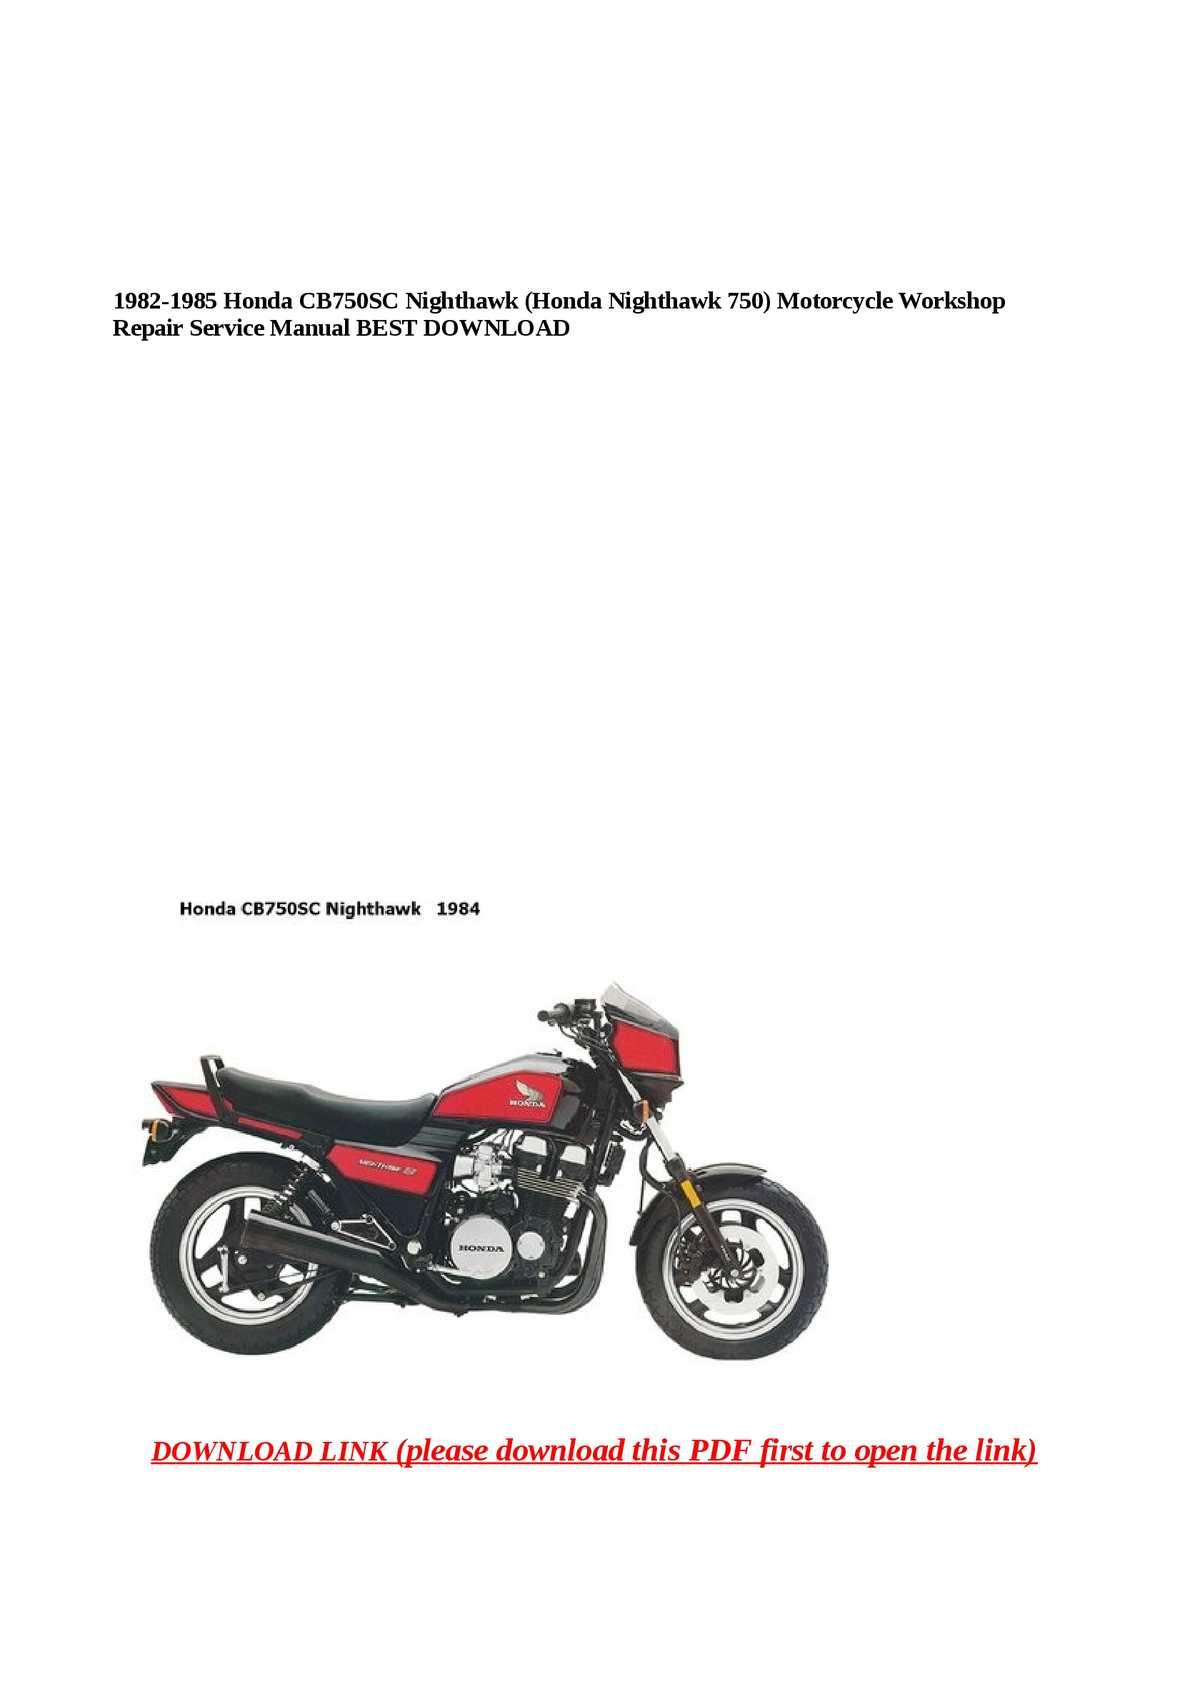 calam o 1982 1985 honda cb750sc nighthawk honda nighthawk 7 rh calameo com 1991 honda nighthawk 750 manual honda nighthawk 750 service manual pdf